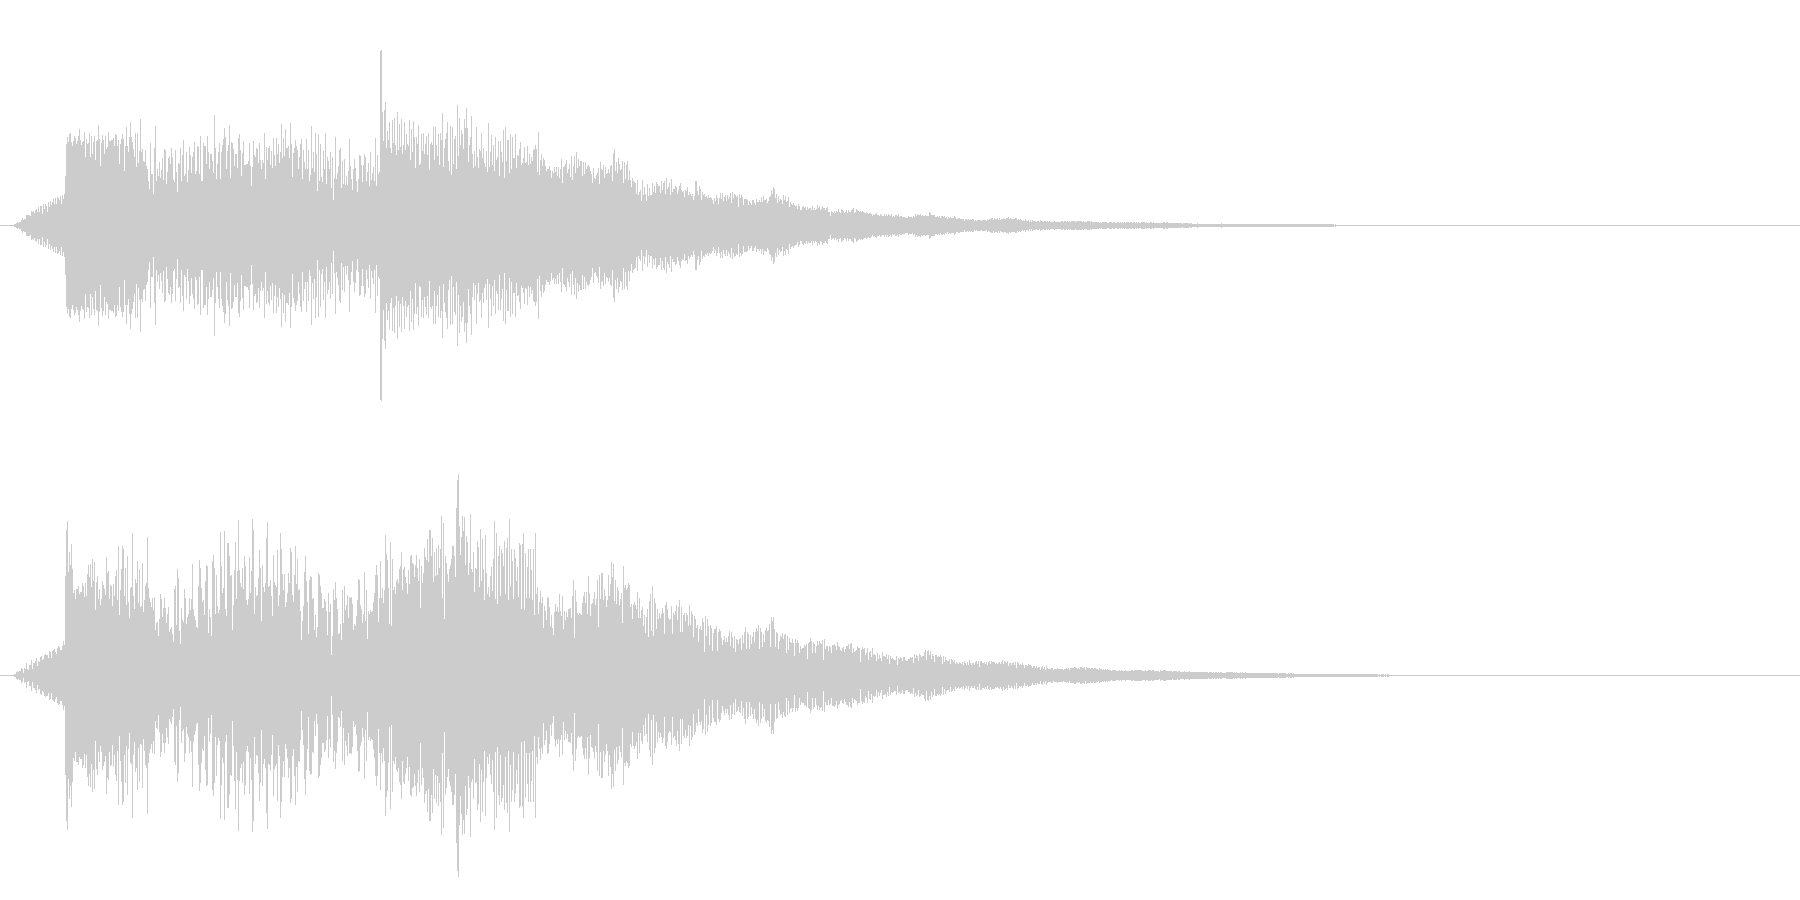 ズンチャンチャンシャララ(テクノロジー)の未再生の波形